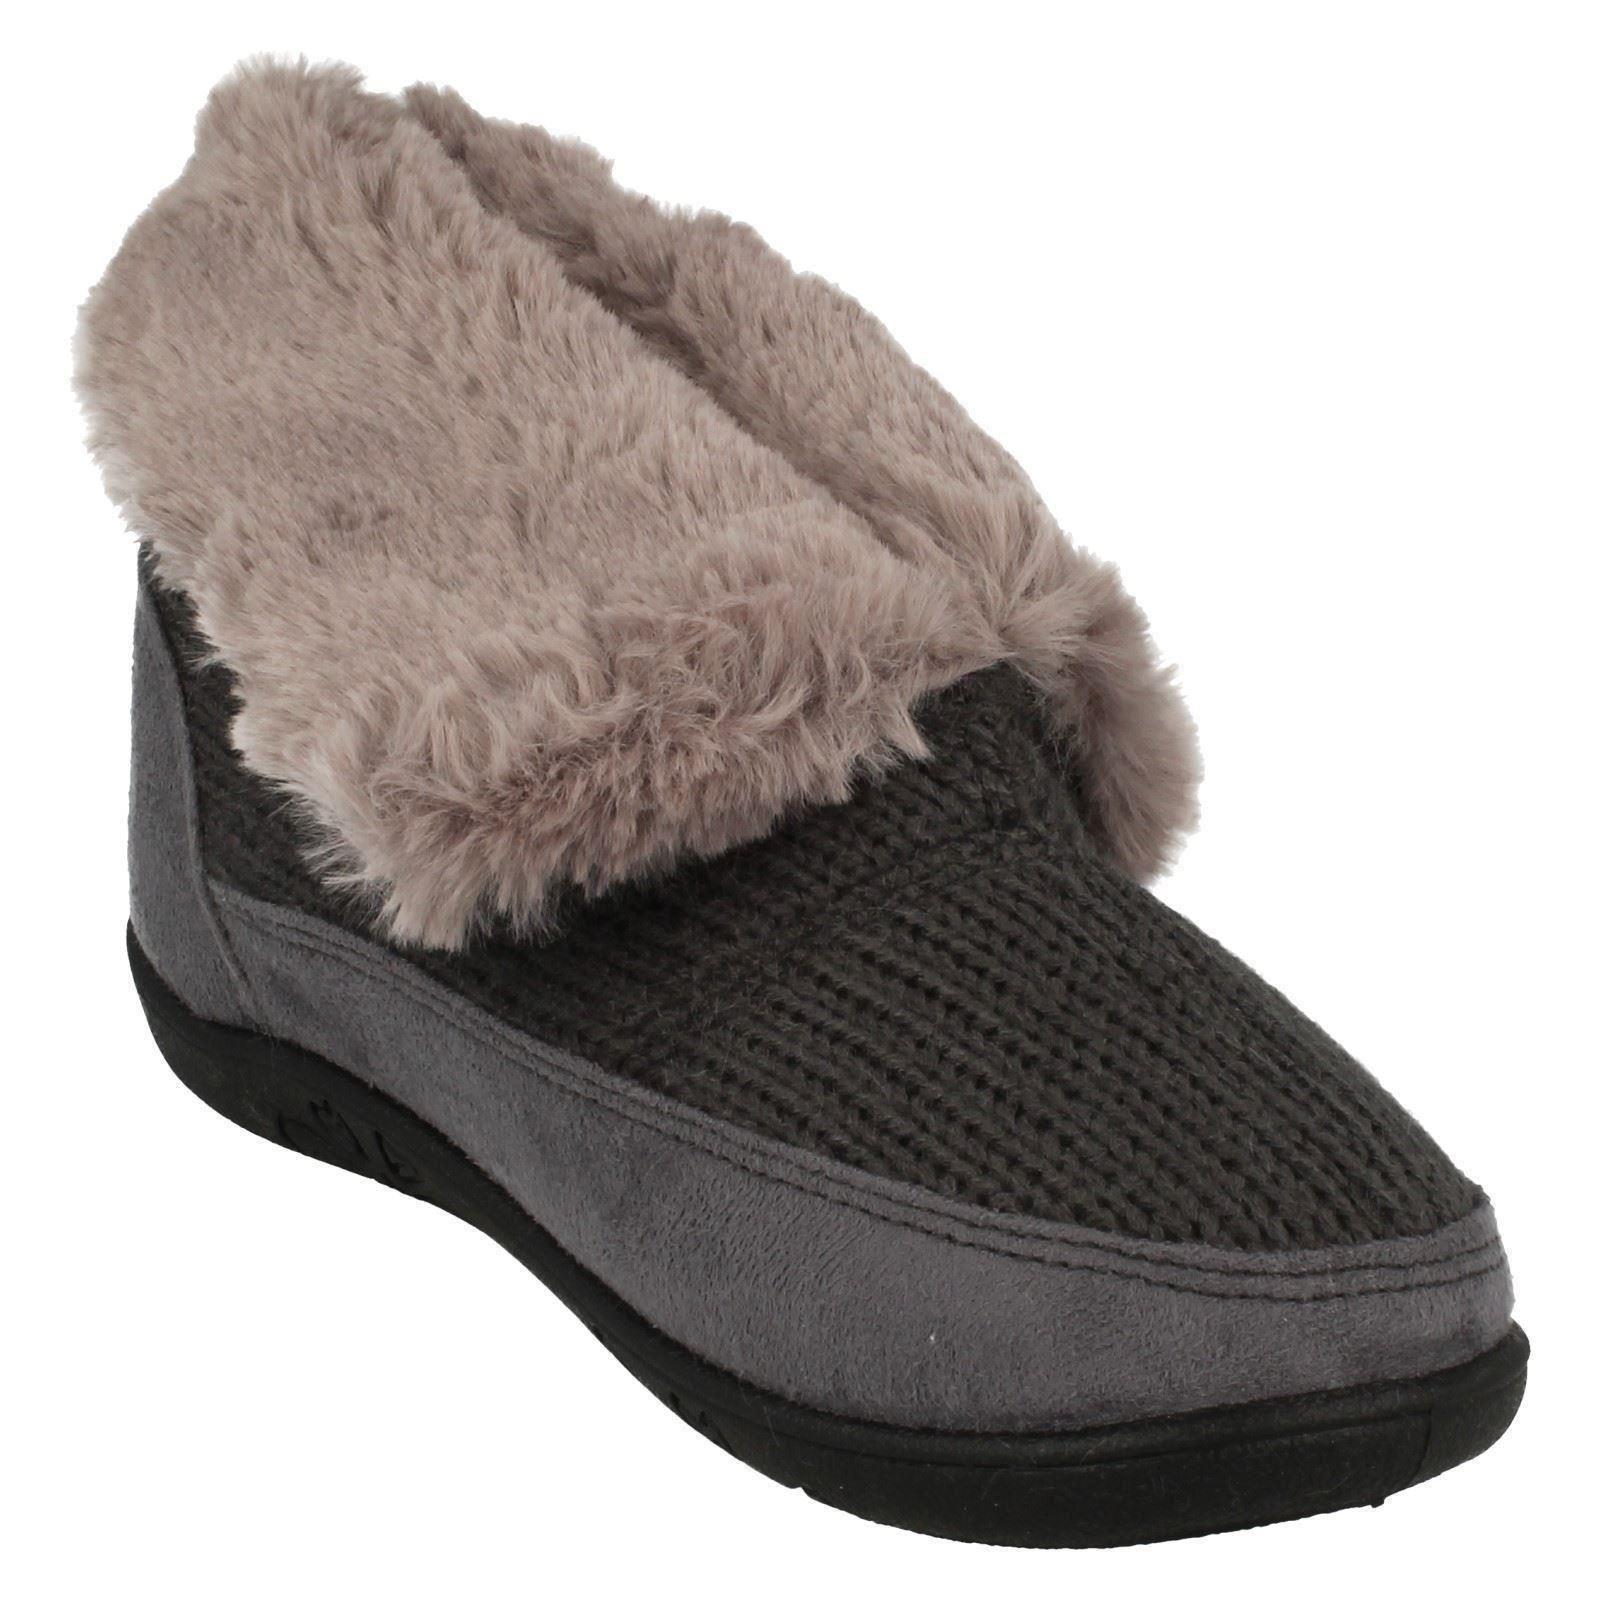 Eden /'Ladies Padders/' Memory Foam Boot Slippers